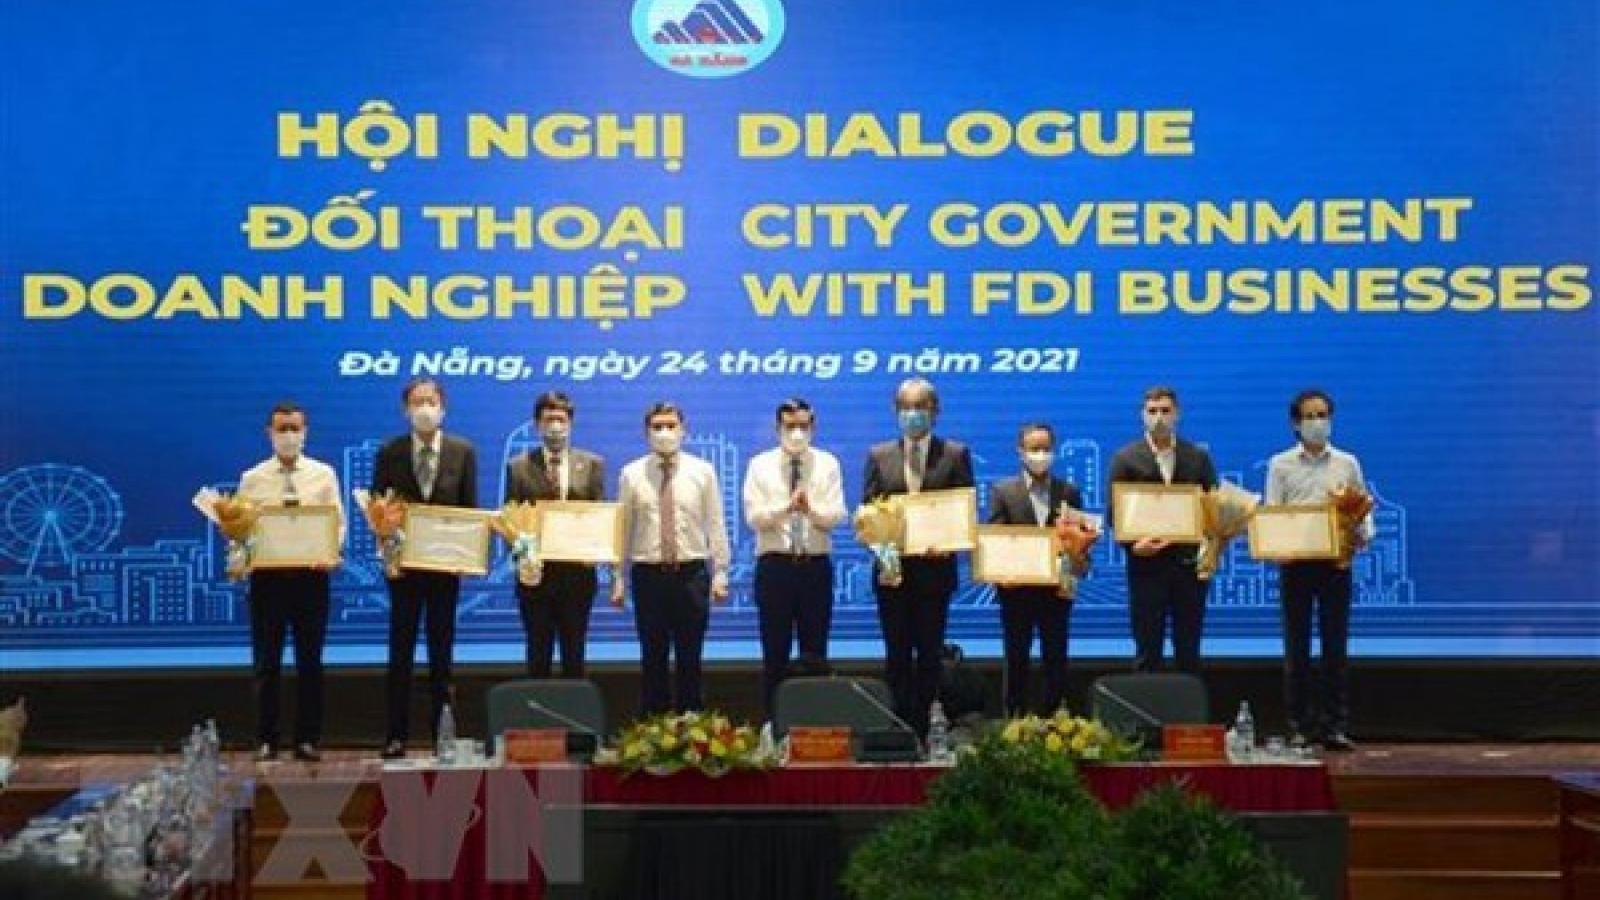 FDI businesses contribute ideas for production restoration in Da Nang